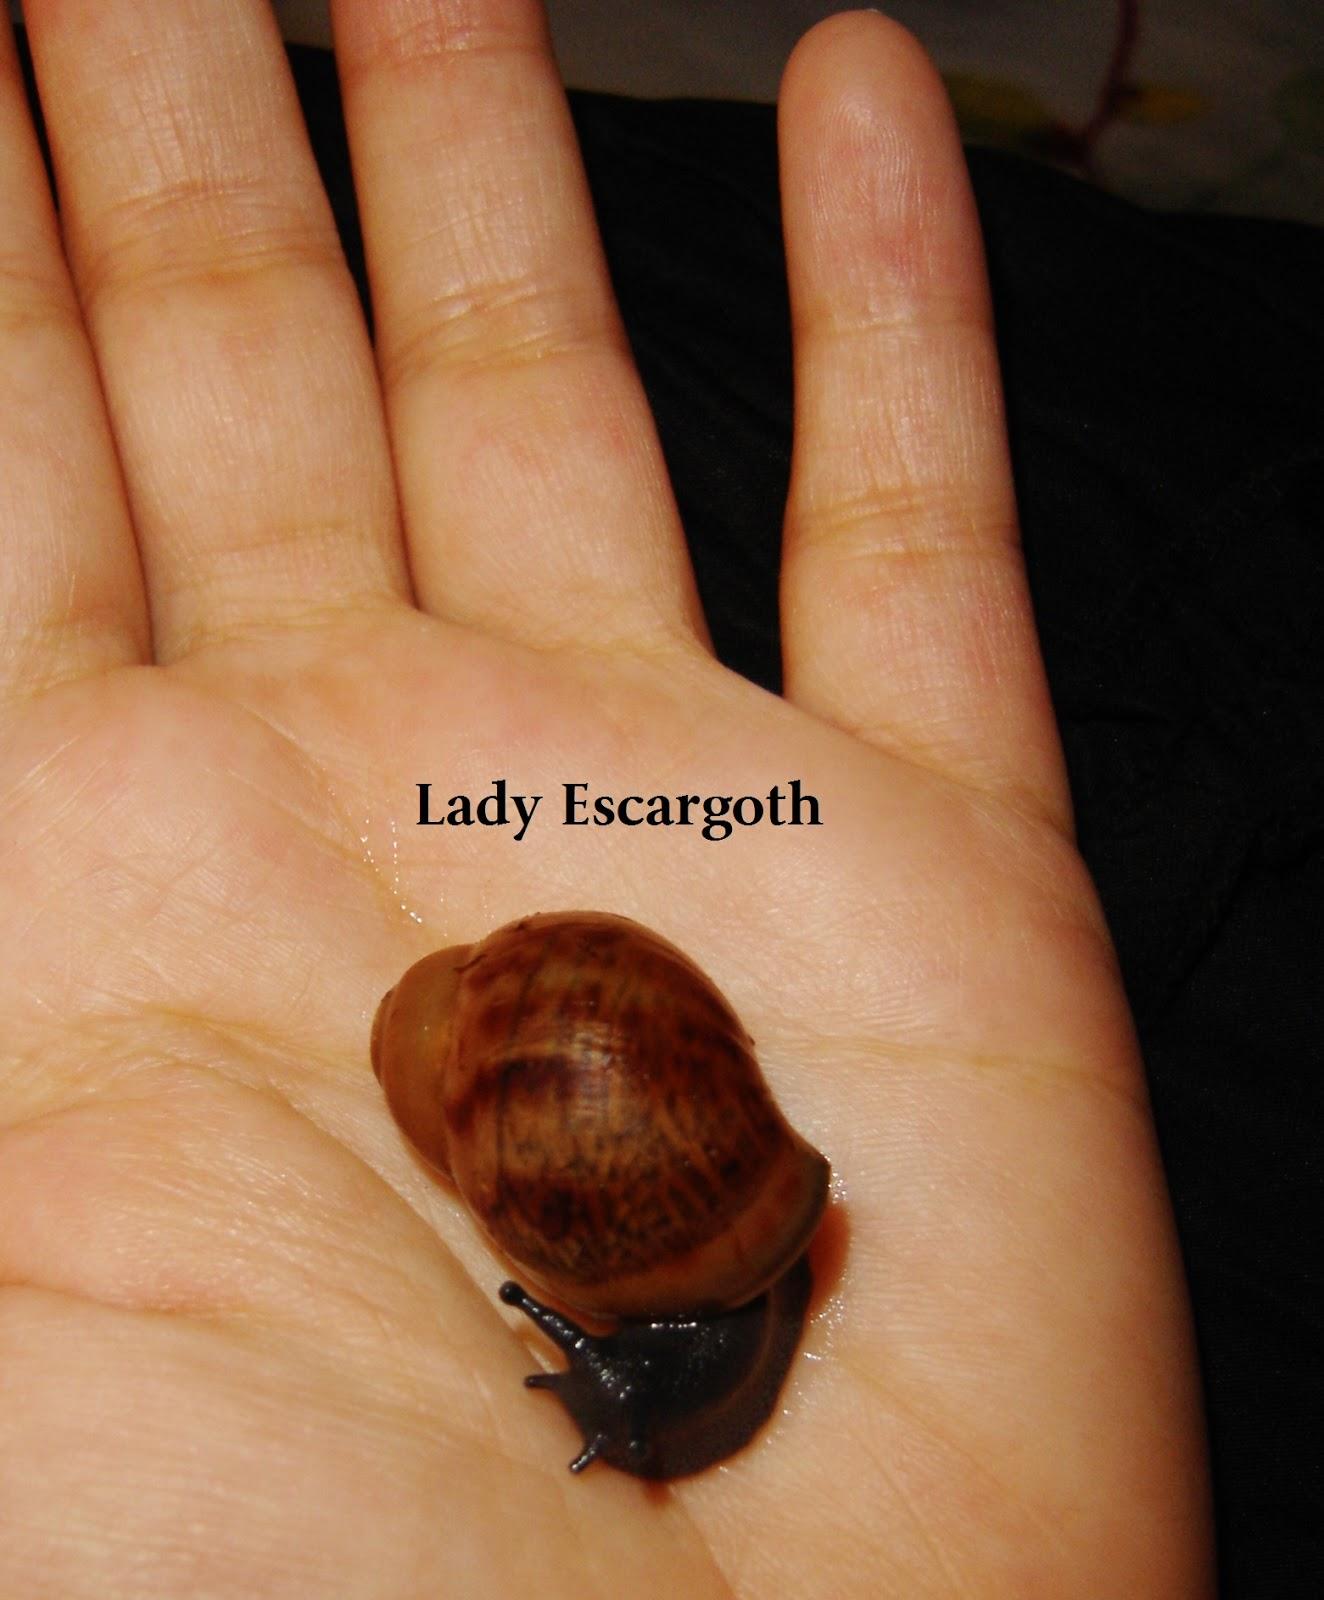 bébé escargot géant